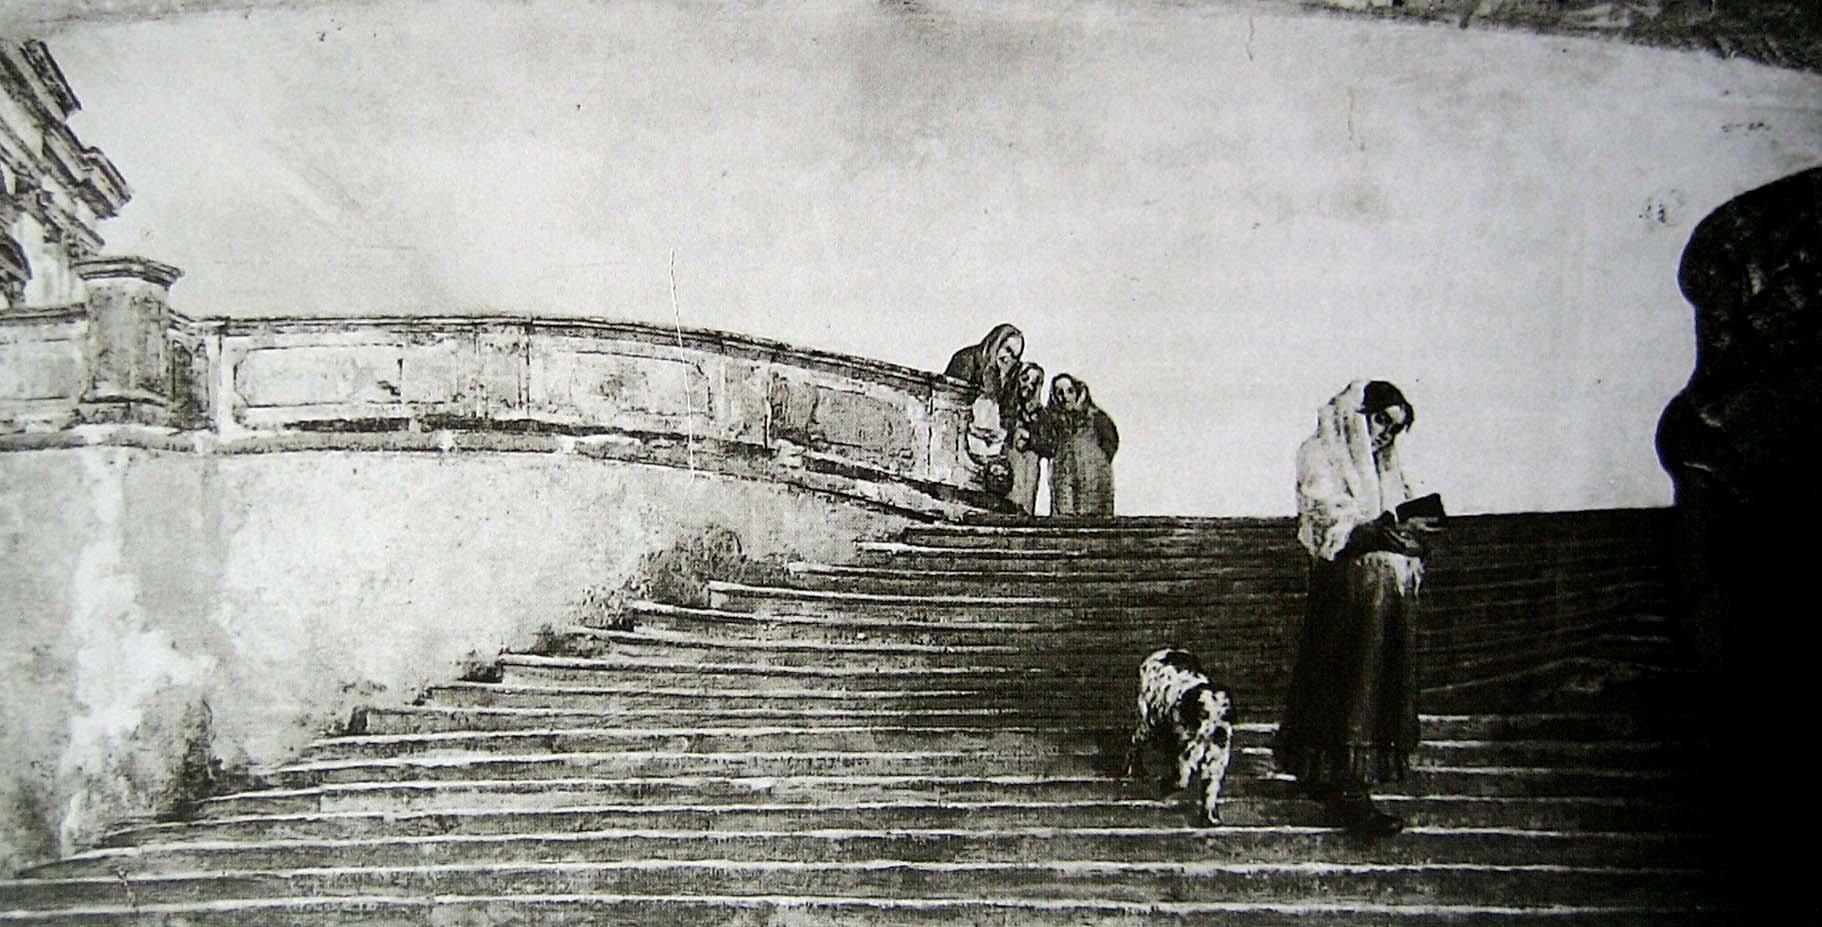 Segantini_1883_La_penitente